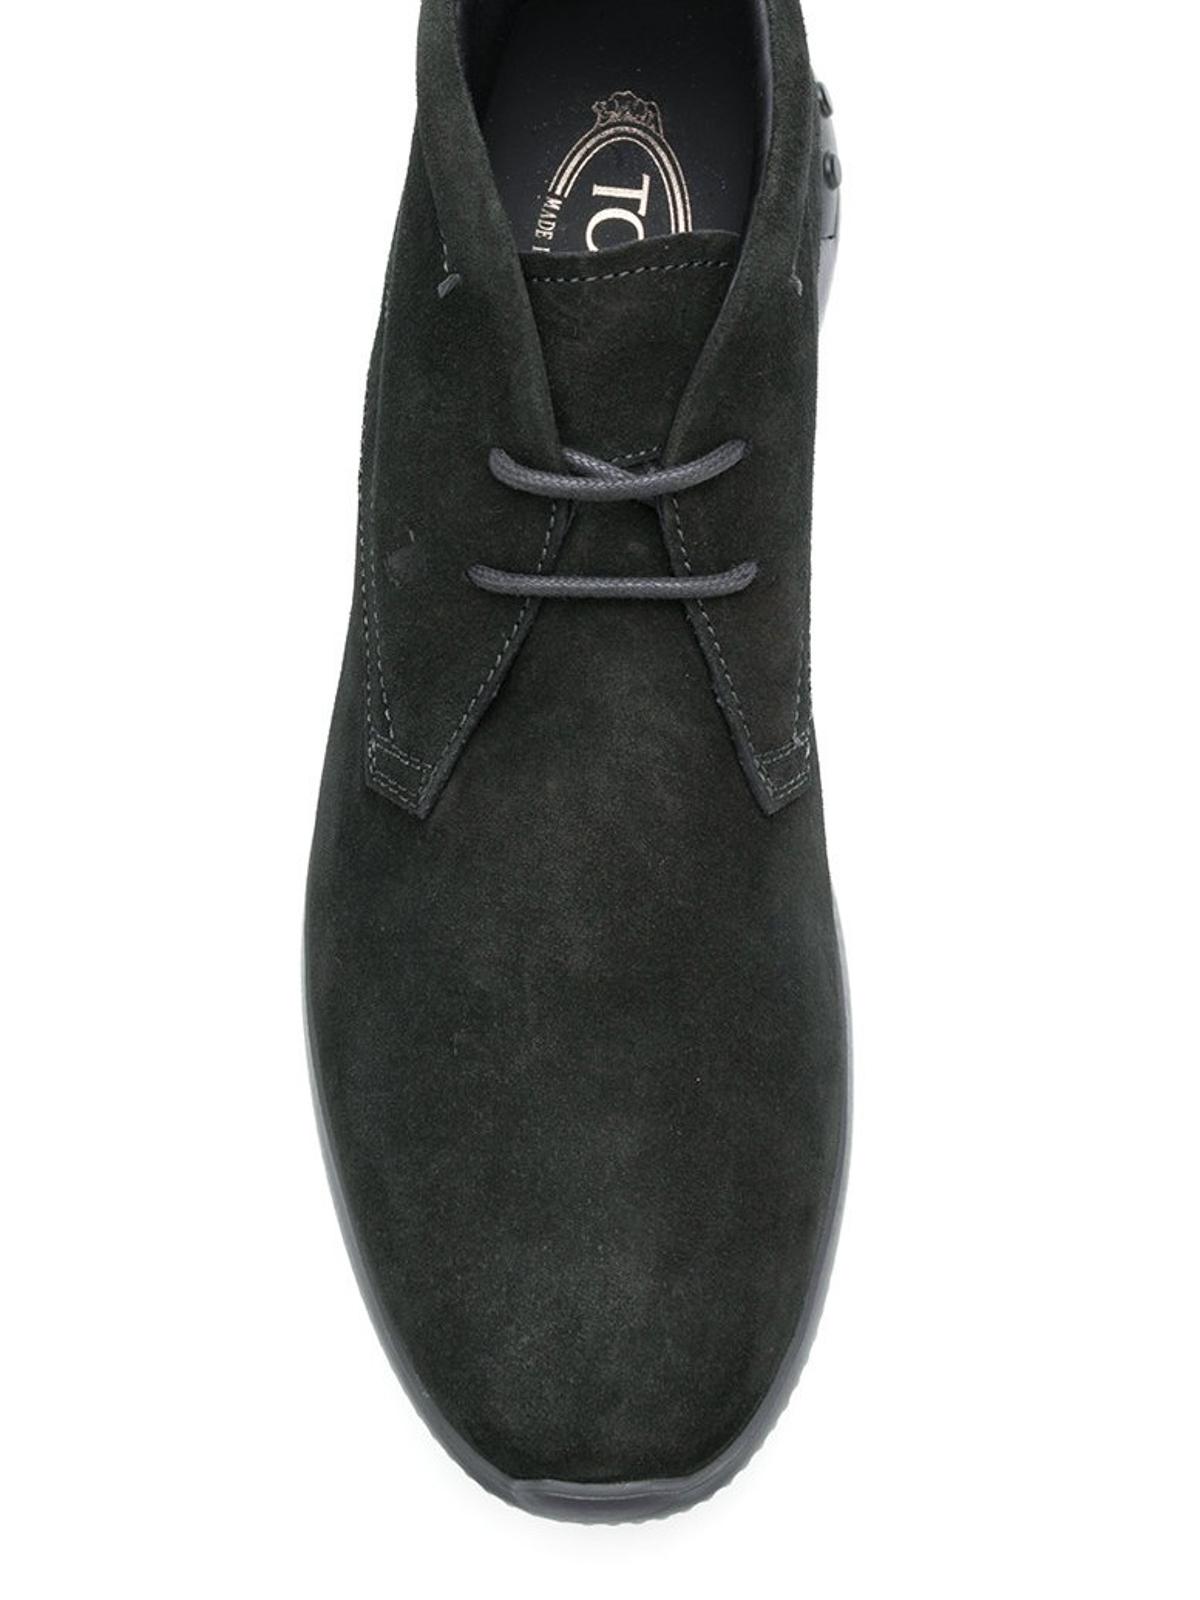 Dark grey suede sporty desert boots